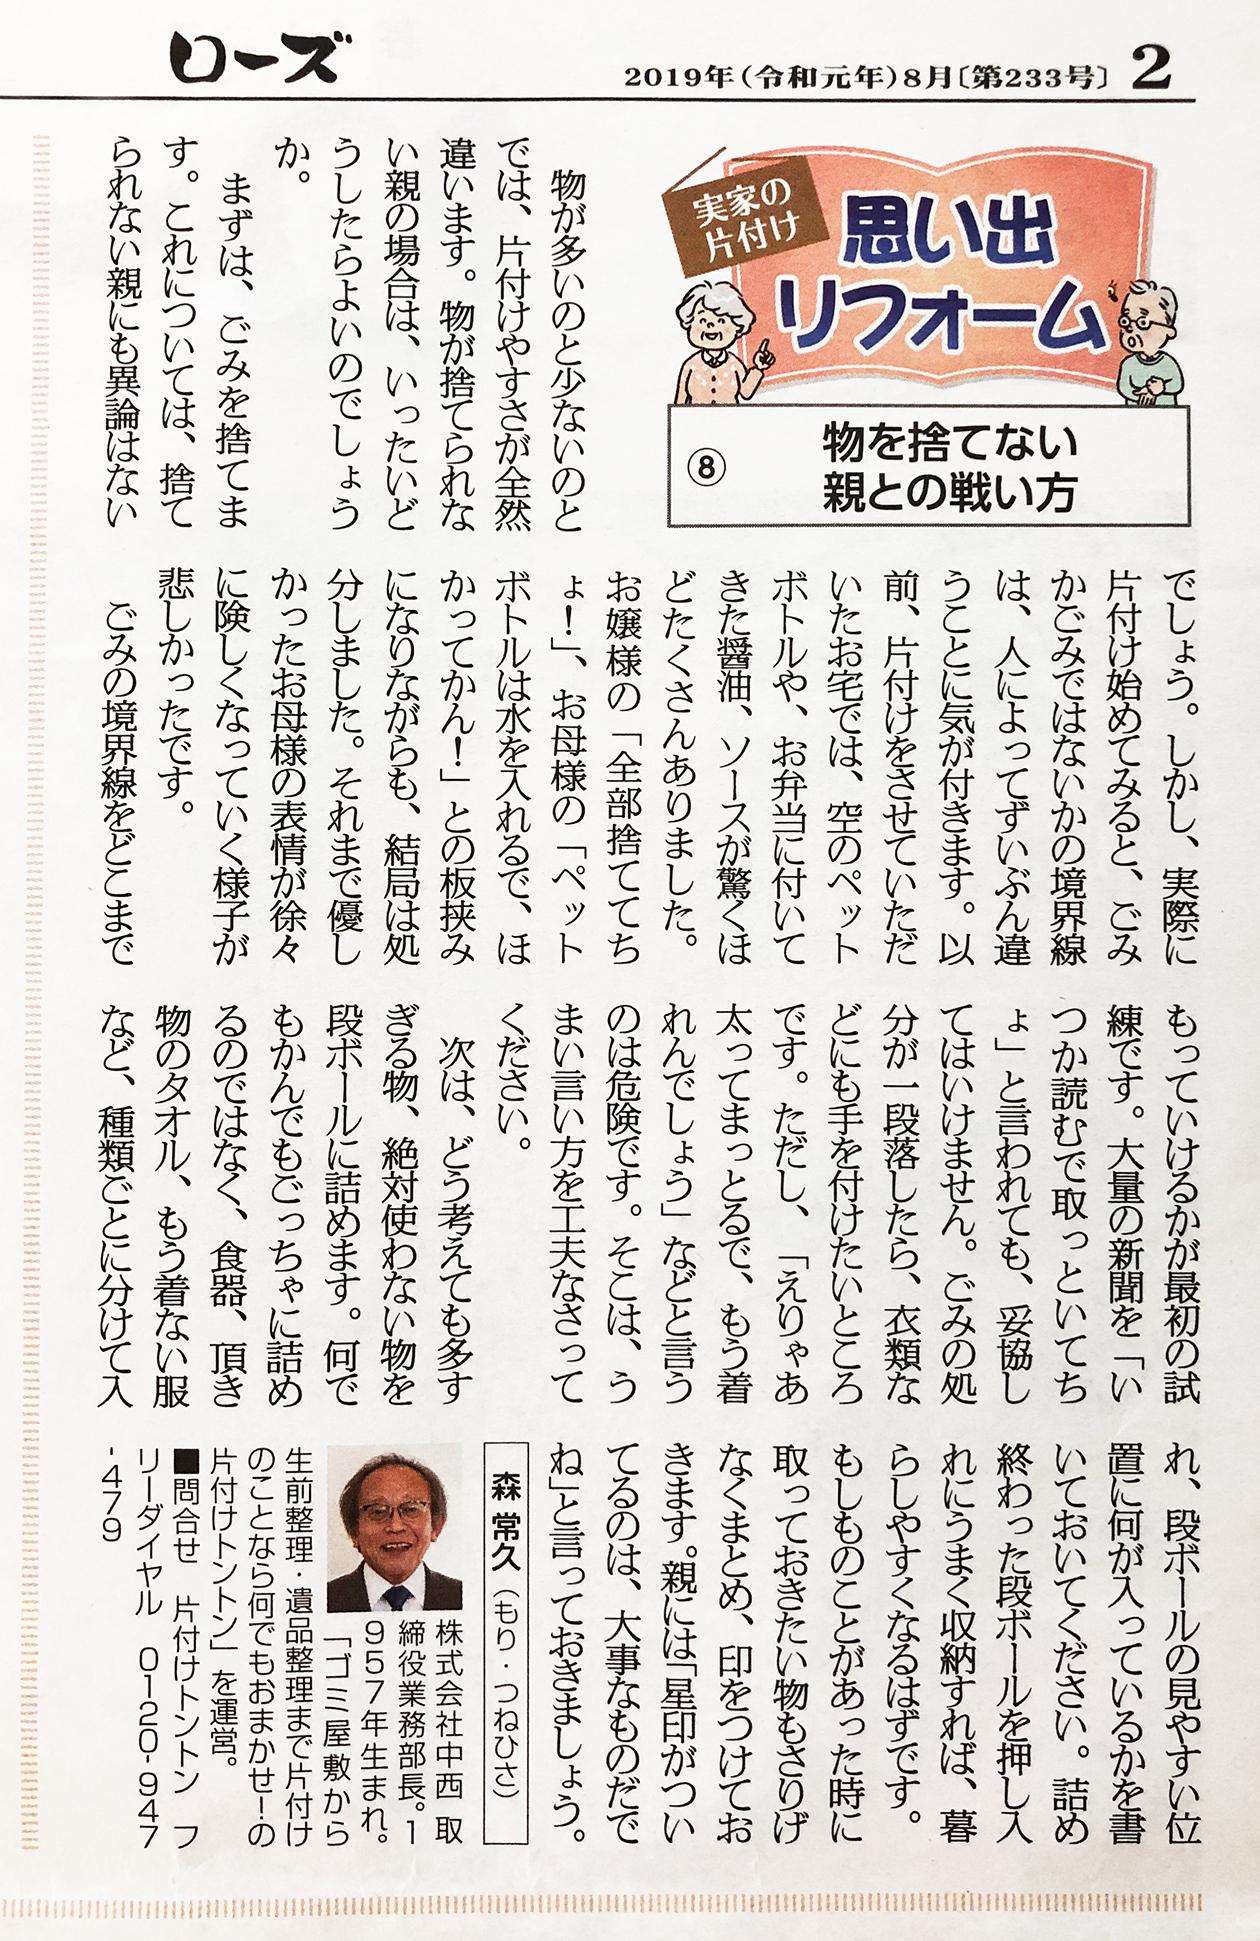 中日新聞朝刊折込 シニア情報紙『ローズ』8月号の写真